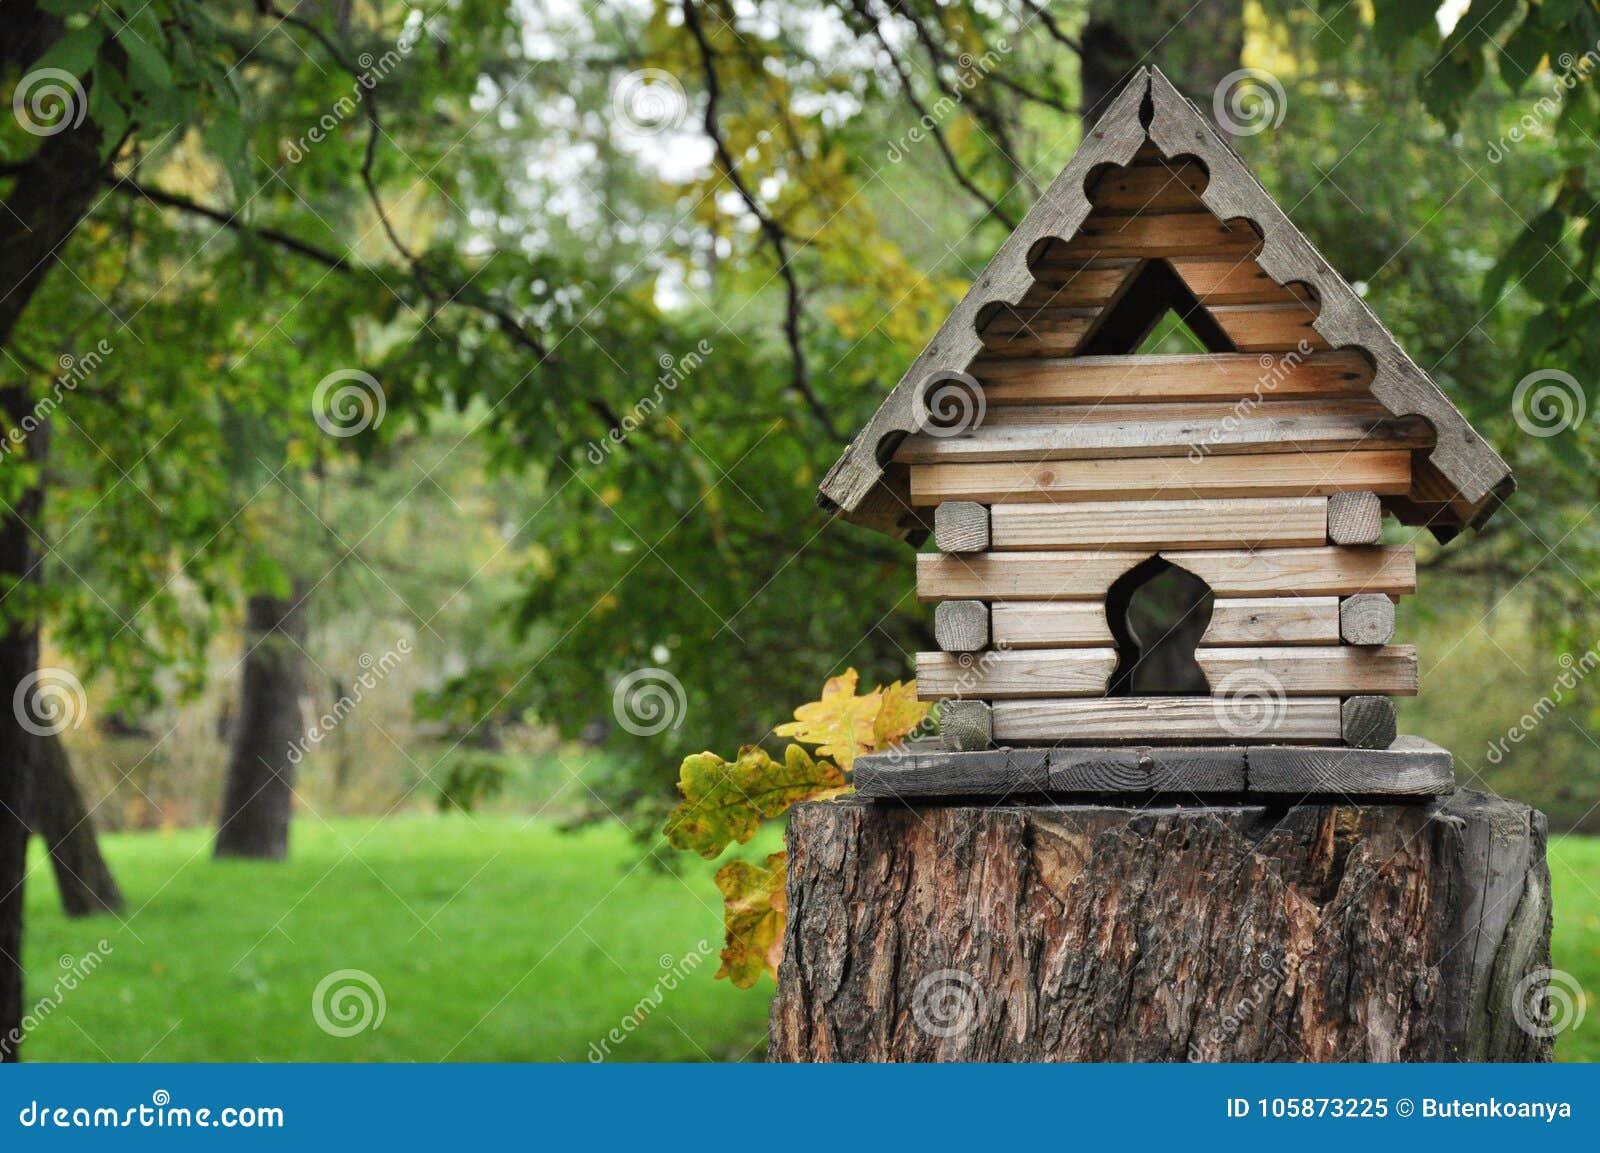 Kleines Holzhaus Im Wald Vogelzufuhren Stockbild Bild Von